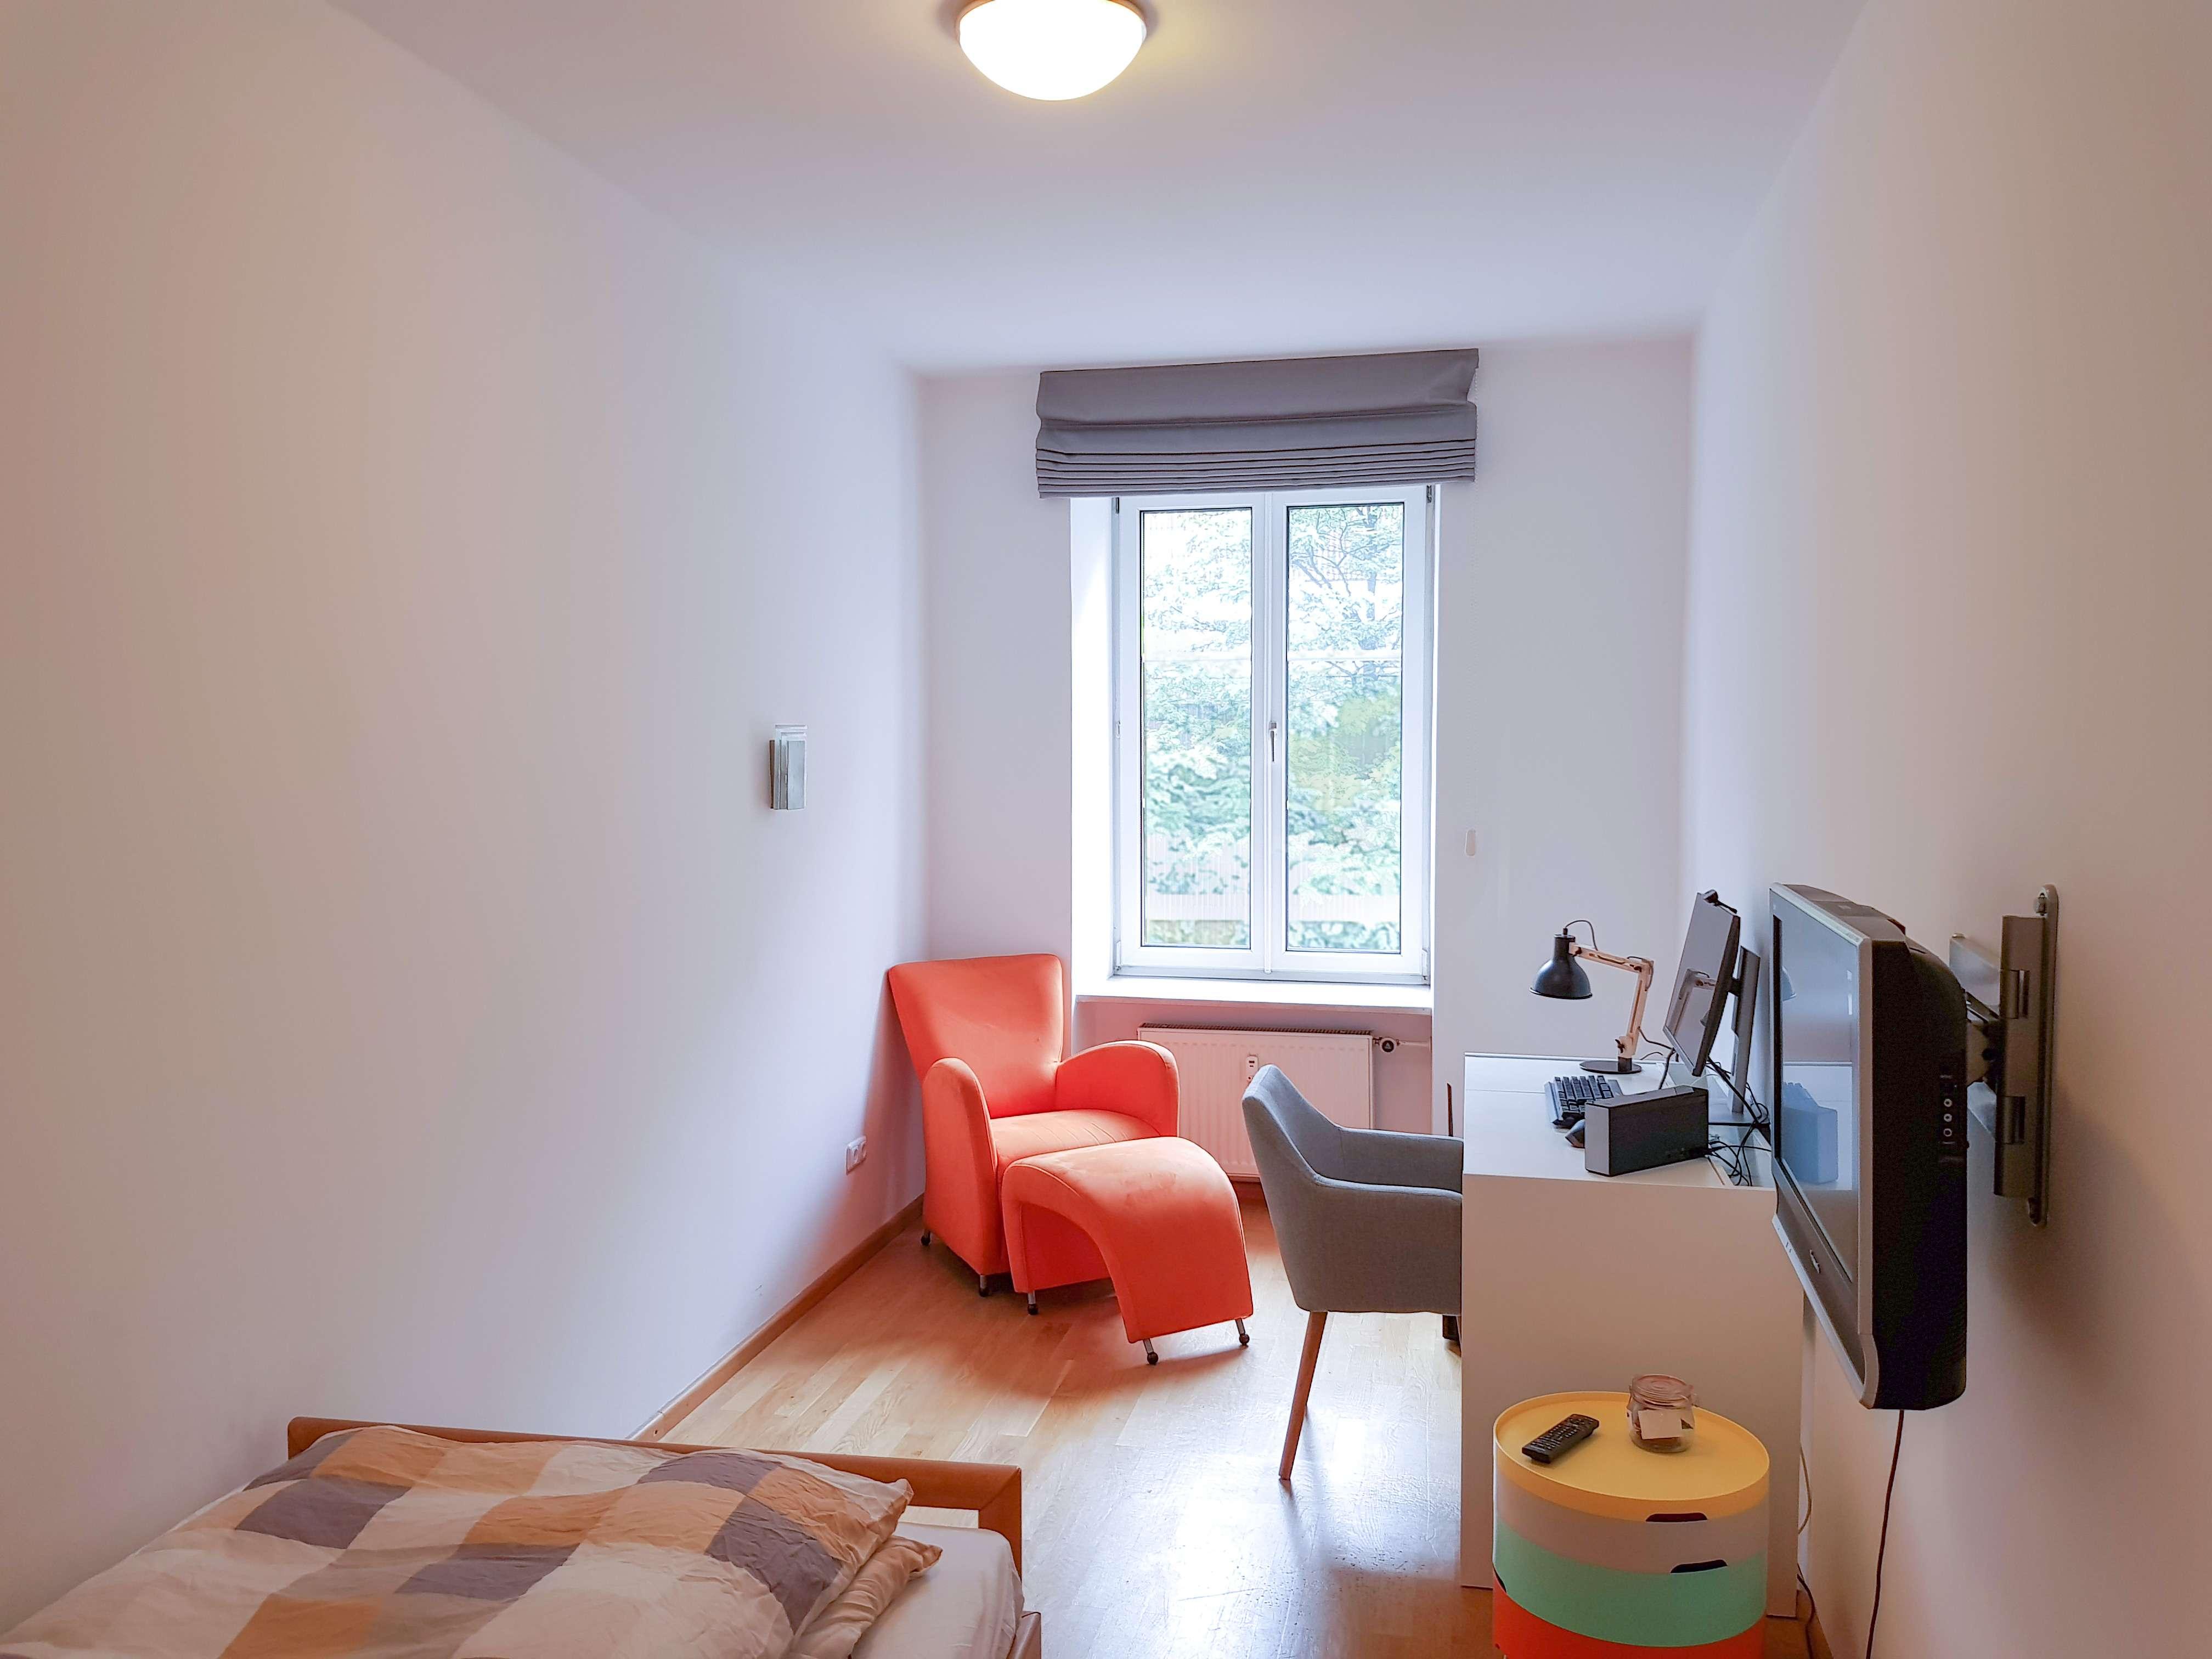 Stilvolle 1-Zimmer-Wohnung mit EBK in Maxvorstadt, München in Maxvorstadt (München)